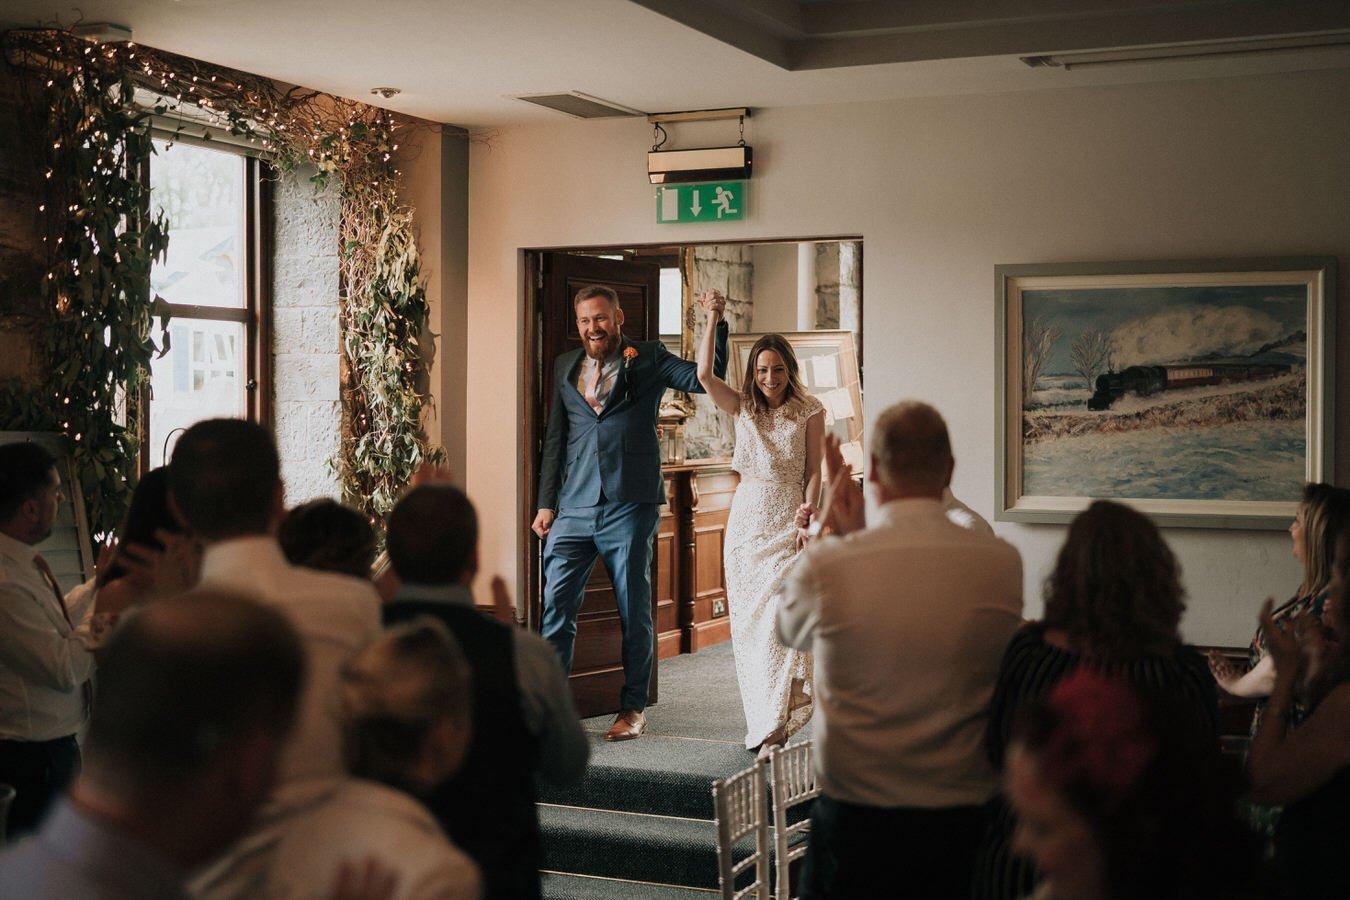 The-Station-House-wedding-Dublin-photographer- 0156 153